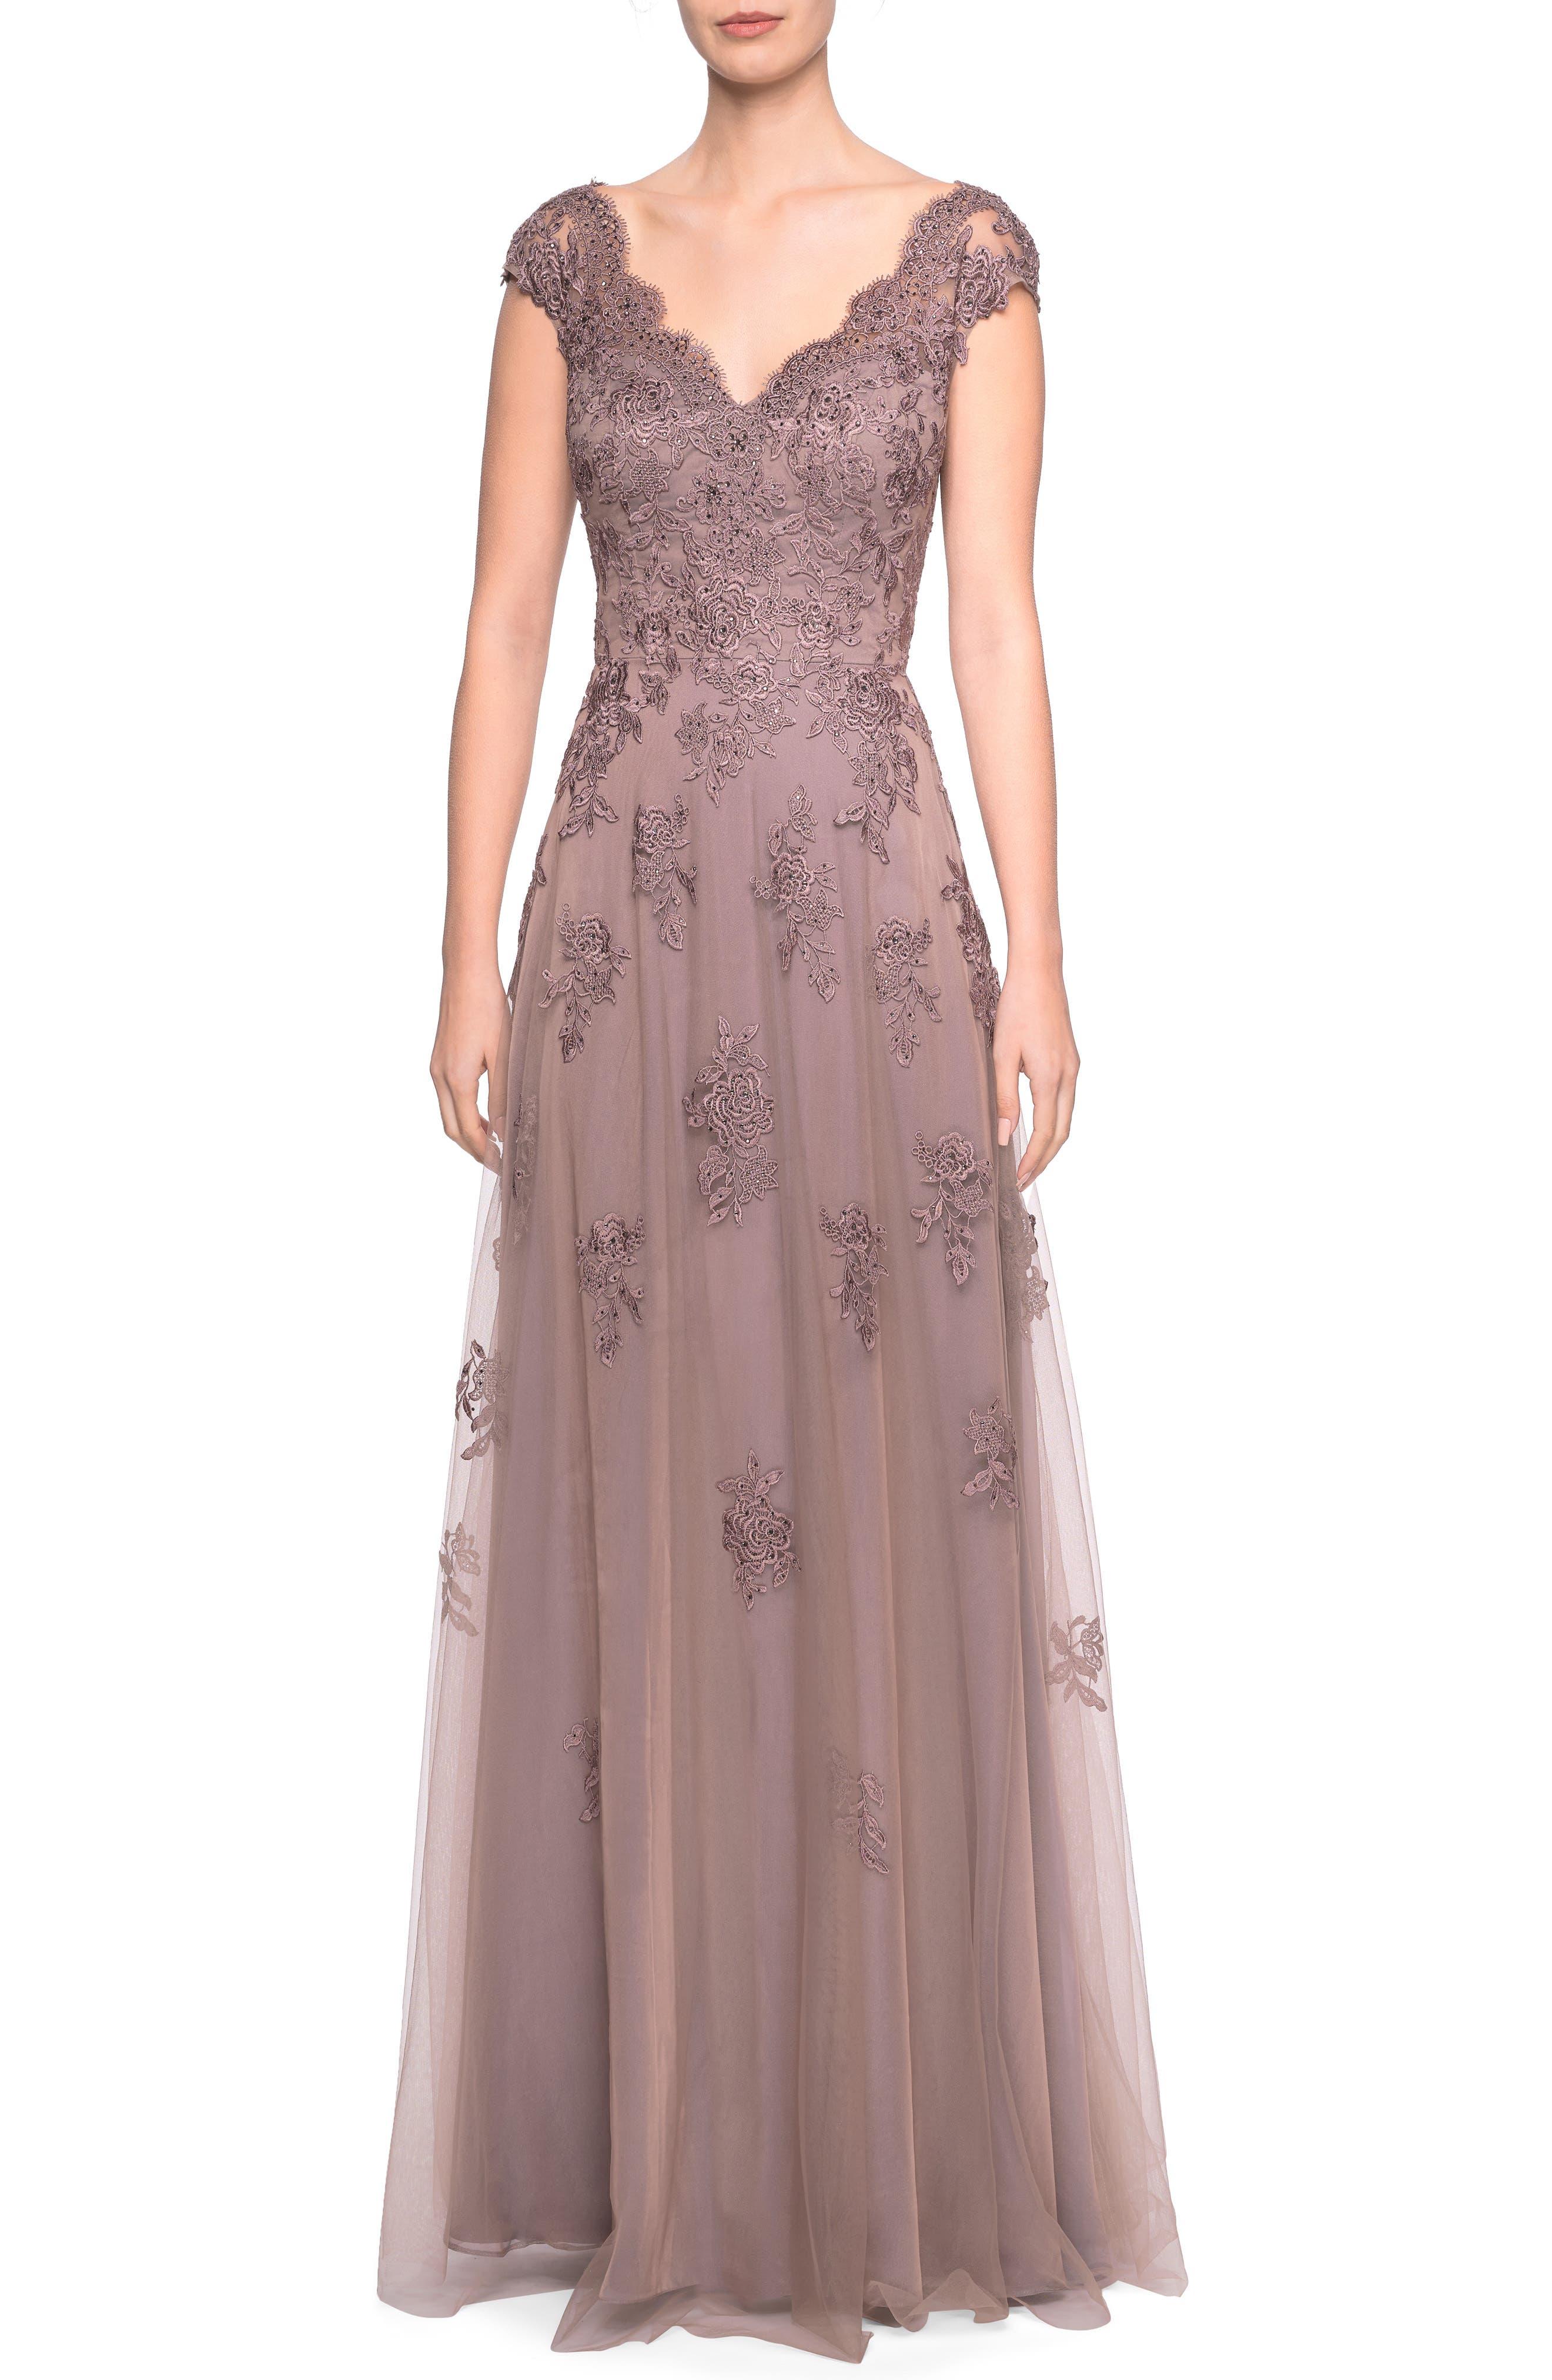 La Femme Tulle & Lace Evening Dress, Brown